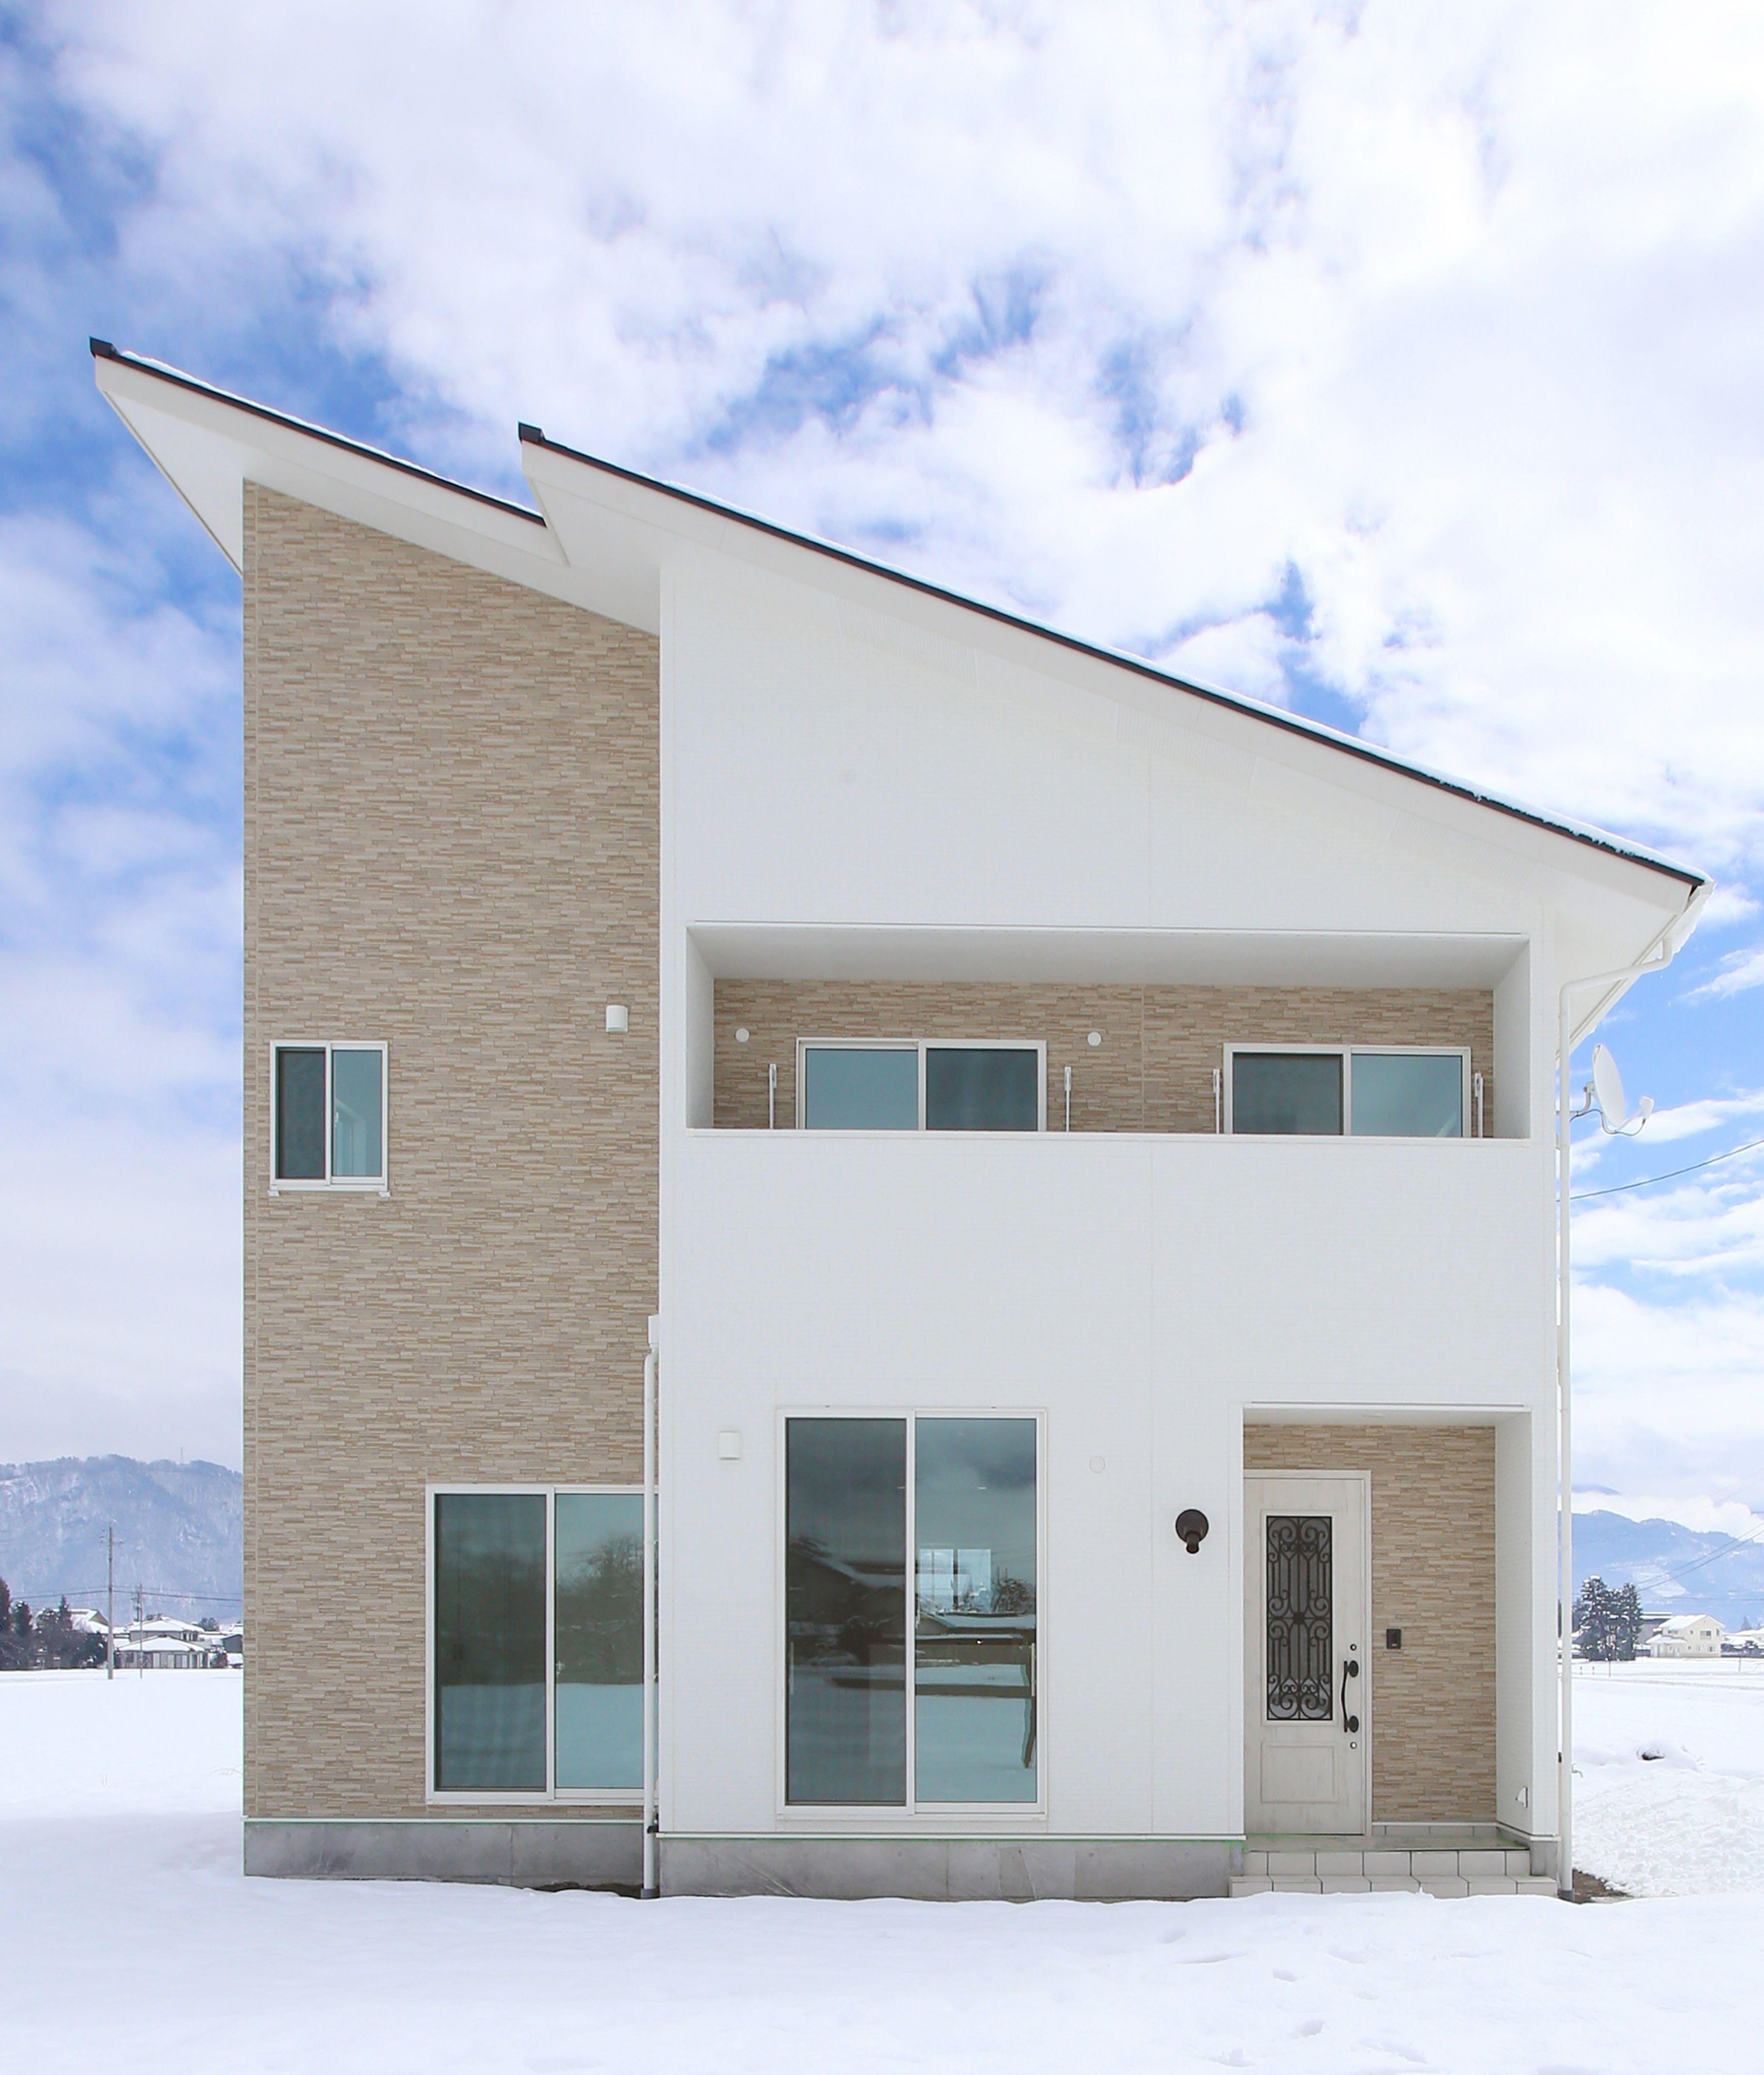 ホワイト ベージュの外壁がかわいいお家 家 外観 モダン 片流れ